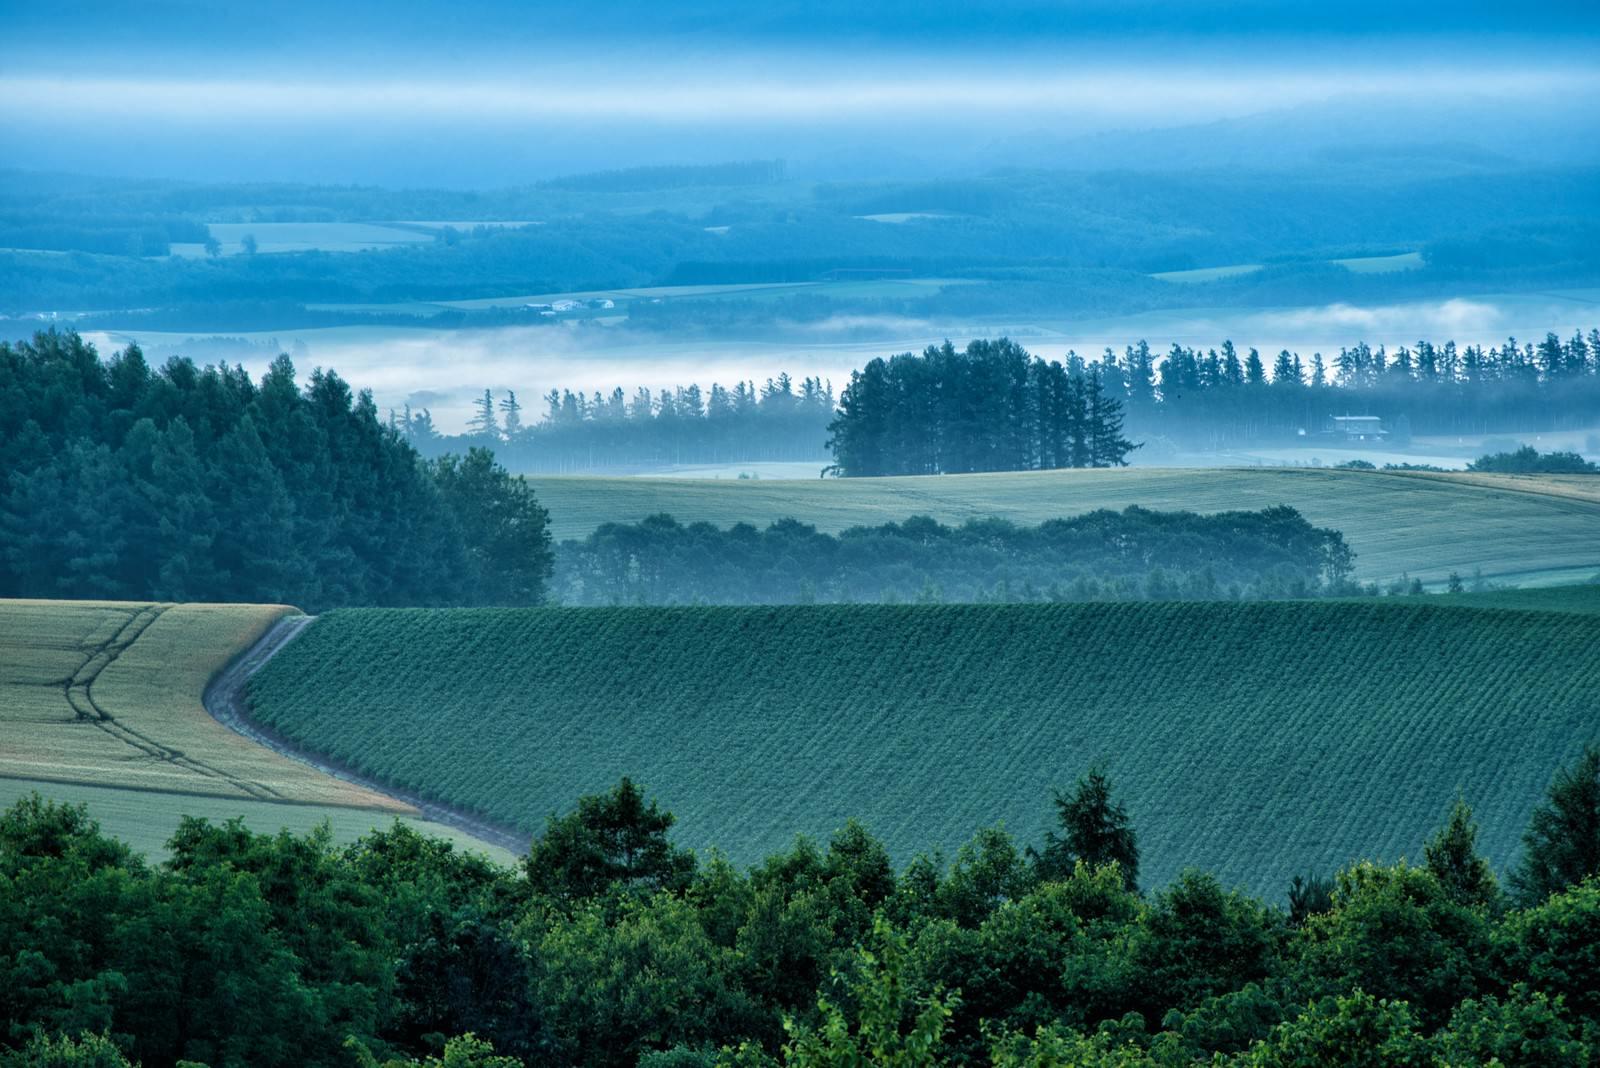 「朝霧が沸き立つ美瑛町の畑 | 写真の無料素材・フリー素材 - ぱくたそ」の写真